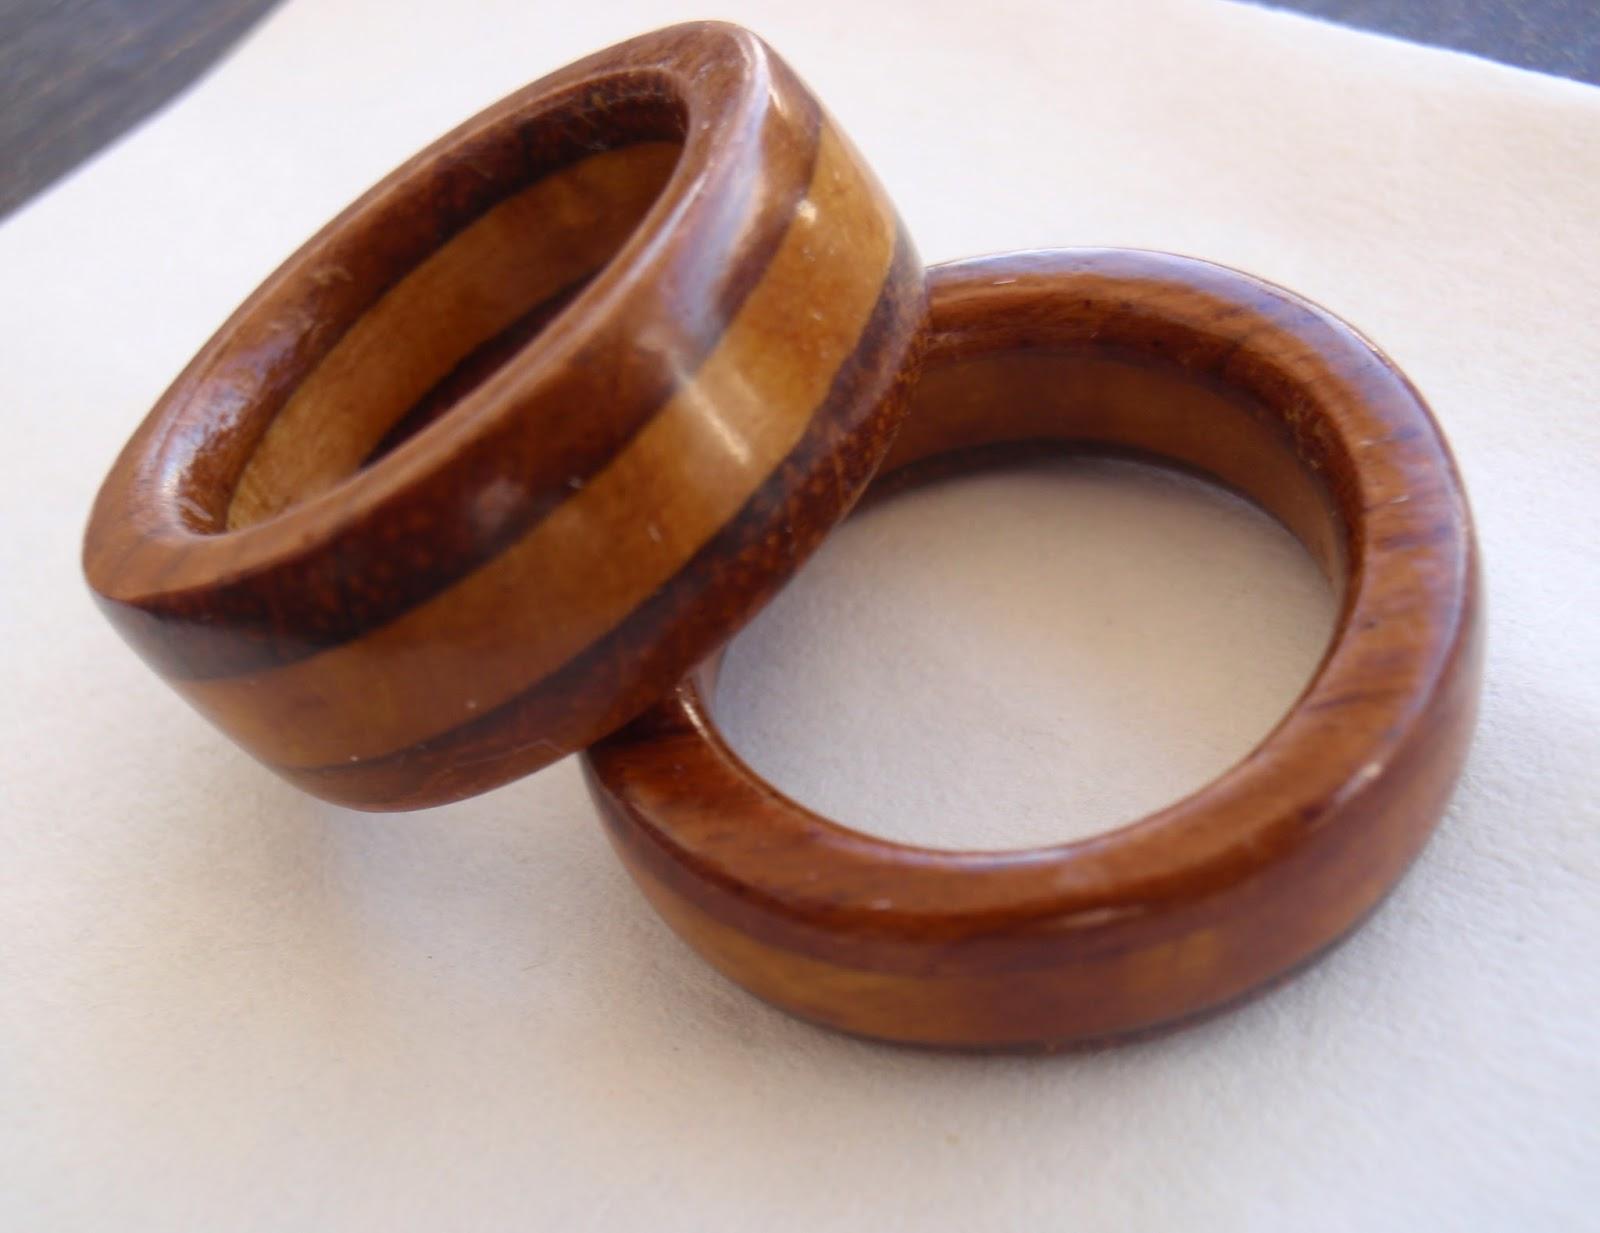 Arte en madera: Anillos de madera circulares #411A13 1600x1233